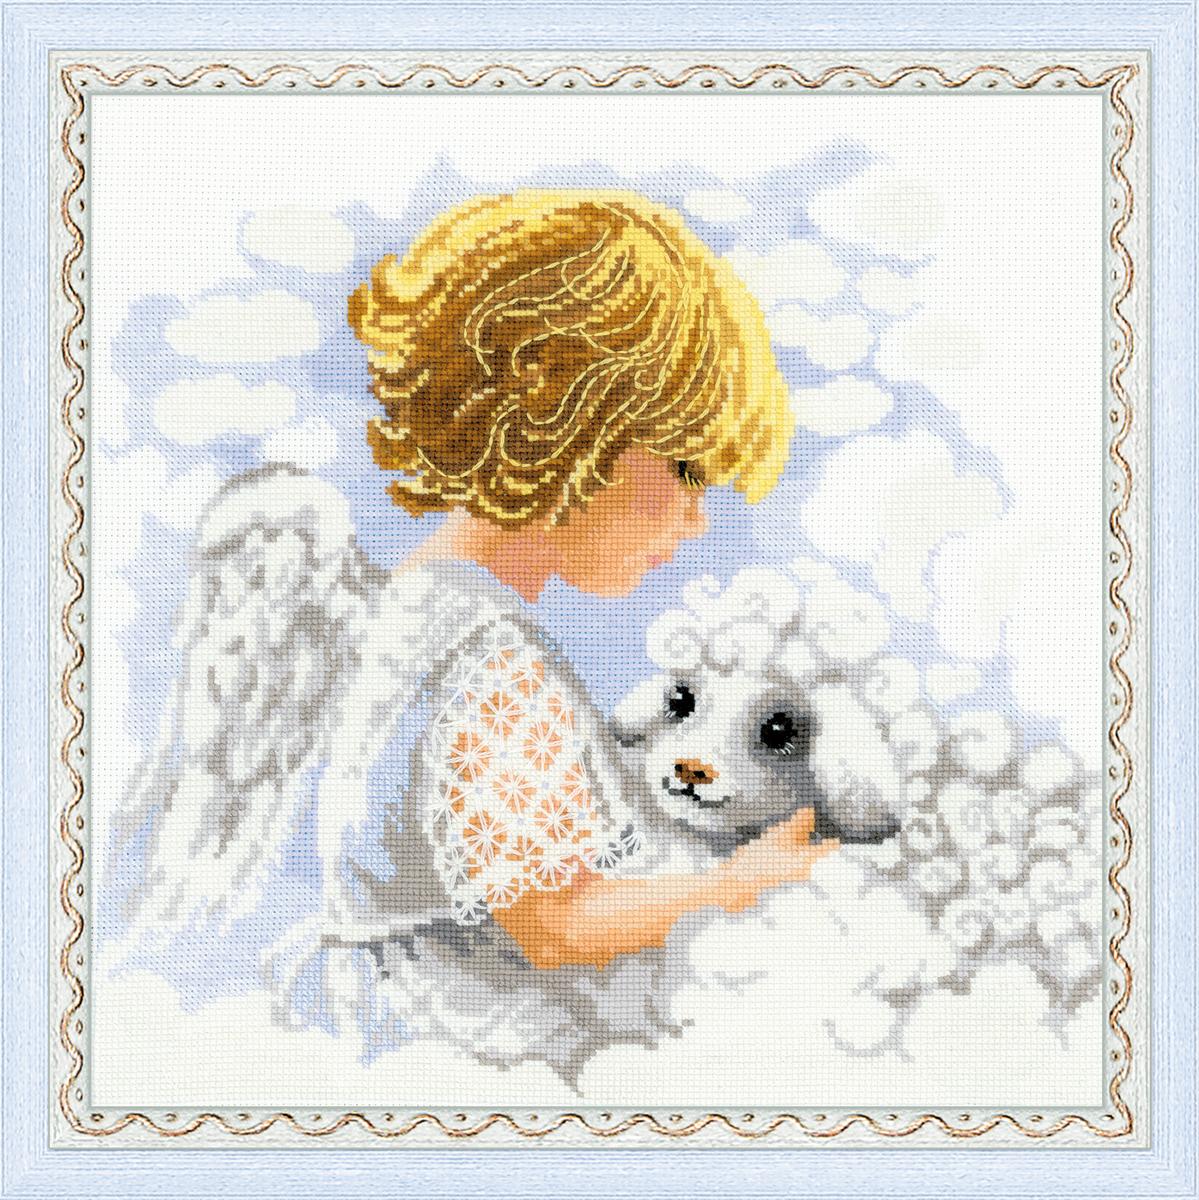 Набор для вышивания крестом День ангела, 30 х 30 см1360В наборе для вышивания крестом День ангела есть все необходимое для создания собственного чуда: канва, цветная схема, шерстяные нитки и игла. Красивый рисунок-вышивка с изображением ангела будет оригинально и стильно смотреться в интерьере вашего помещения. Вышивание крестиком отвлечет вас от повседневных забот и превратится в увлекательное занятие! Работа, сделанная своими руками, создаст особый уют и атмосферу в доме и долгие годы будет радовать вас и ваших близких.